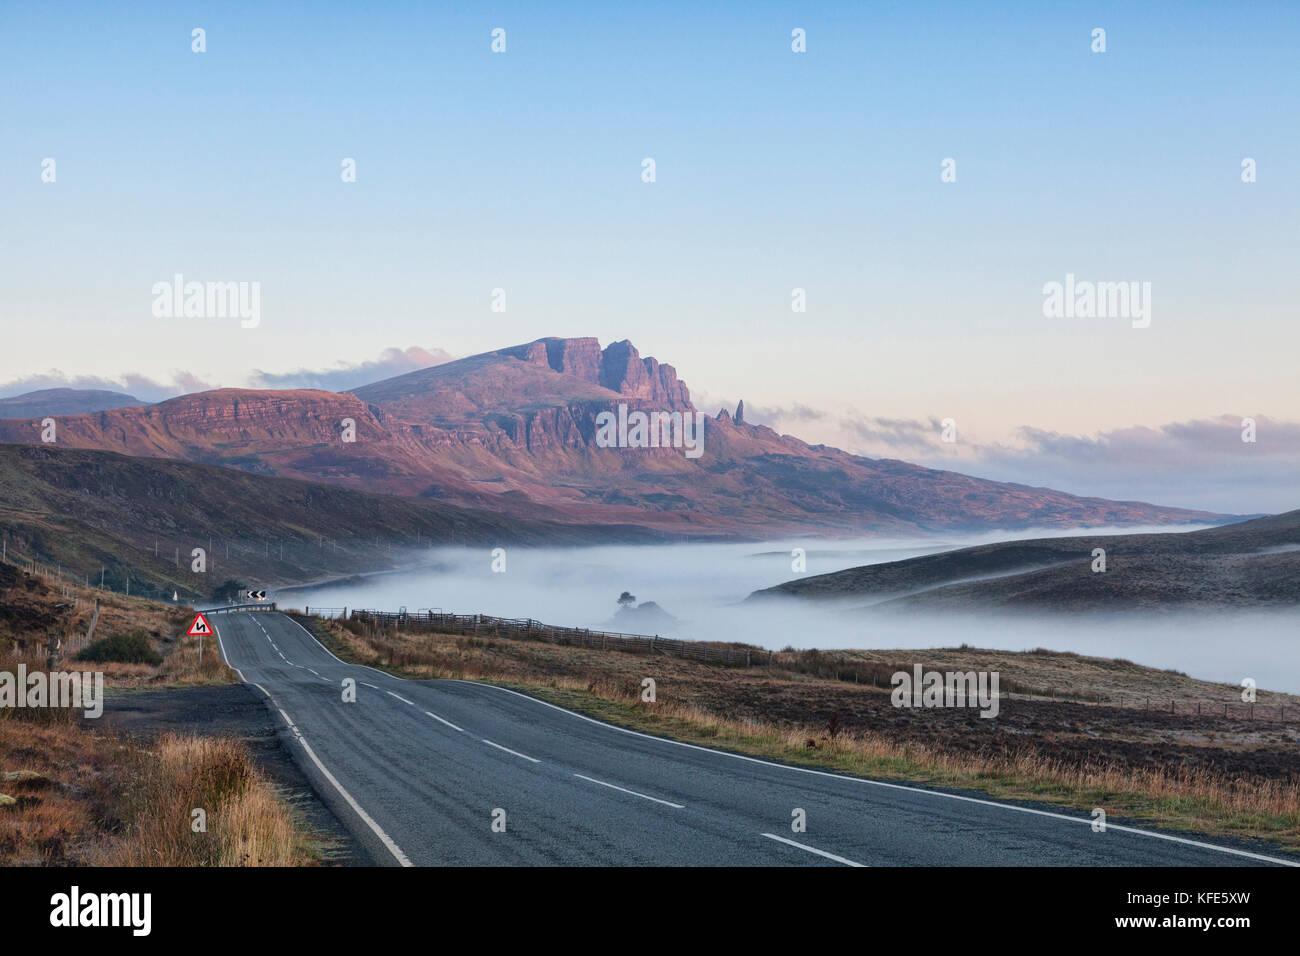 El camino abierto en una brumosa mañana de otoño en la isla de Skye, storr, Highlands escocesas, inner hebrides, Scotland, Reino Unido Foto de stock